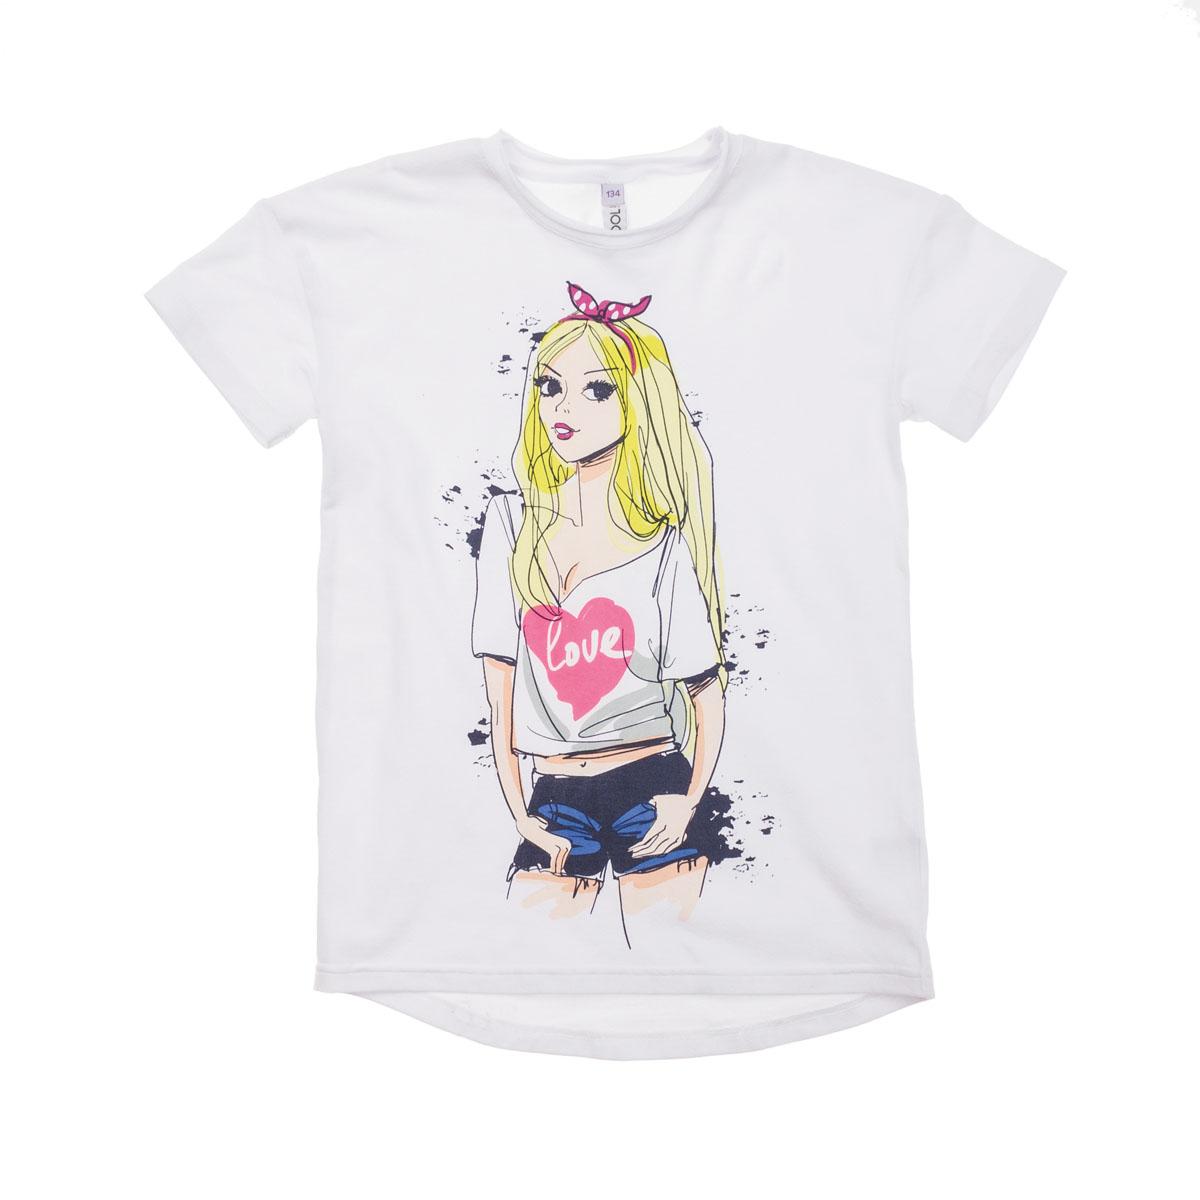 Футболка для девочек. 264017264017Мягкая хлопковая футболка белого цвета. Украшена ярким водным принтом. Хорошо смотрится и брюками, и с юбочками.